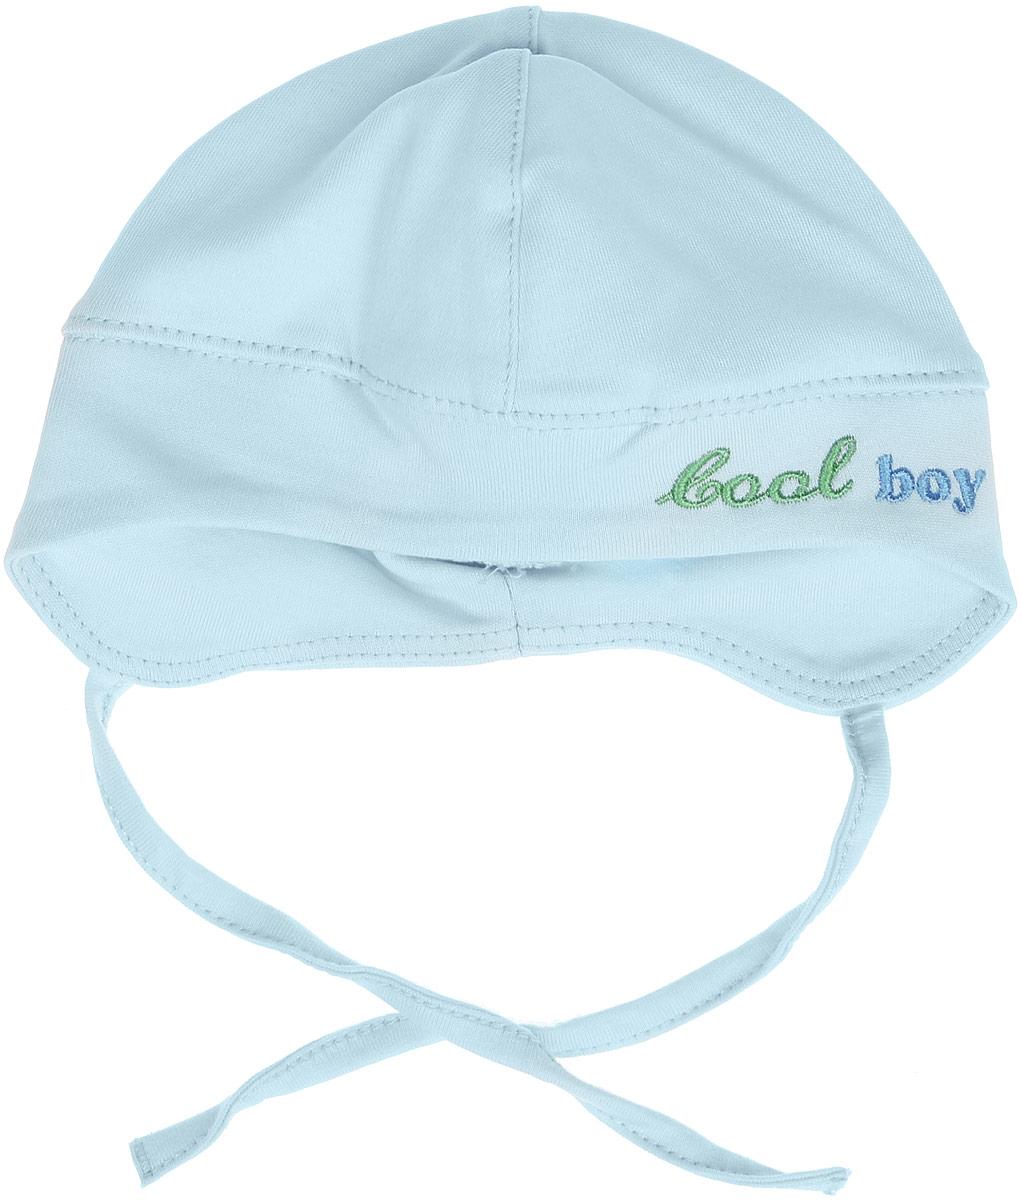 Шапка детскаяШП51И10Детская шапочка БЕМБІ изготовлена из натурального хлопка. Тонкая шапочка по краям выполнена из двойной ткани и слегка удлинена по бокам. Спереди имеется декоративная вышивка. Уважаемые клиенты! Размер, доступный для заказа, является обхватом головы.